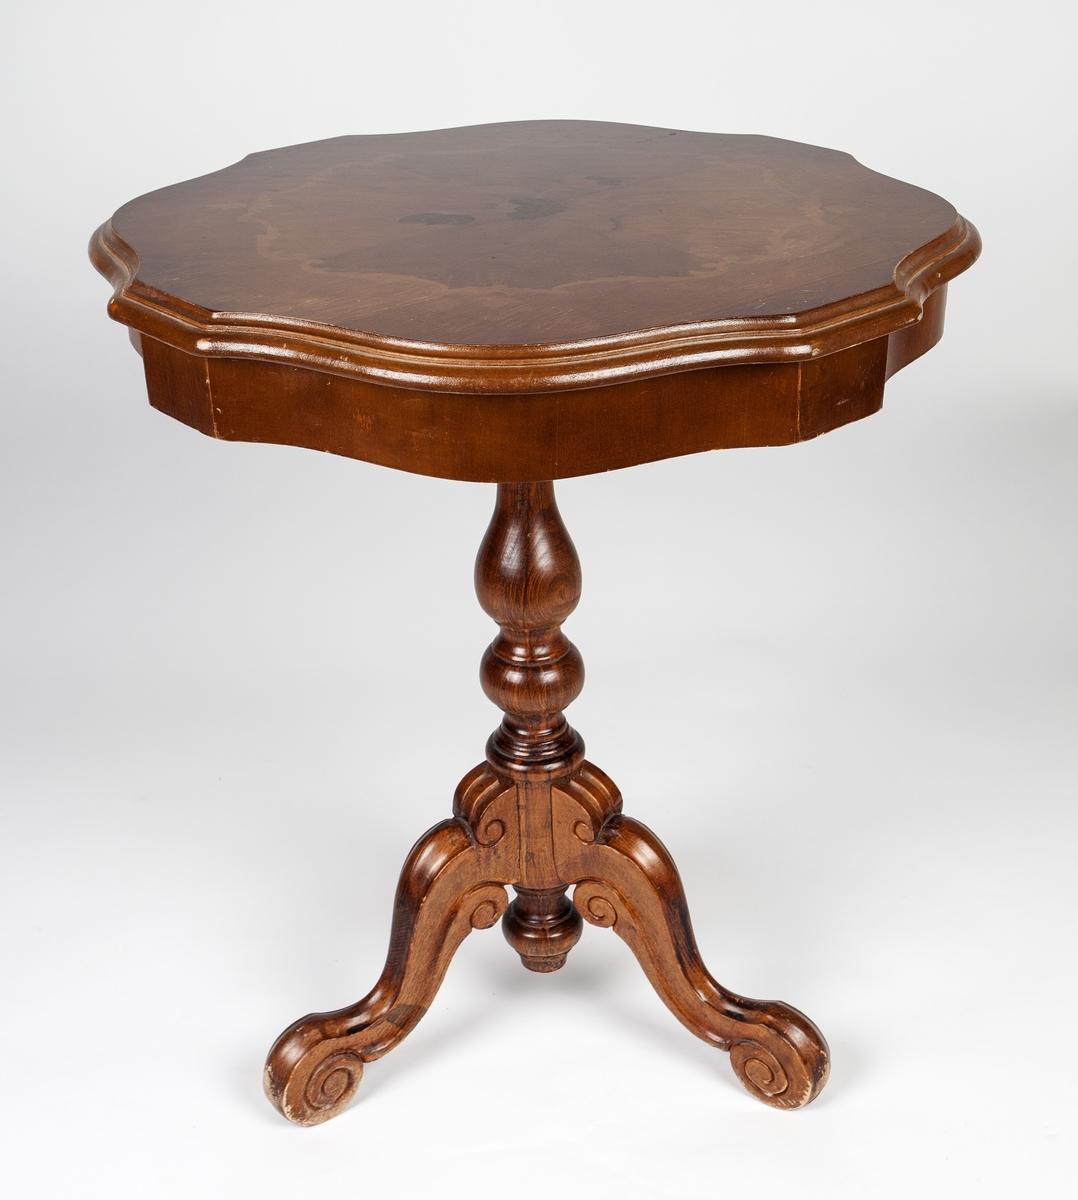 Rundt mahogny-bord på stett som hviler på tre ben. Intarsia-dekor på platen, blomster og akantusranker